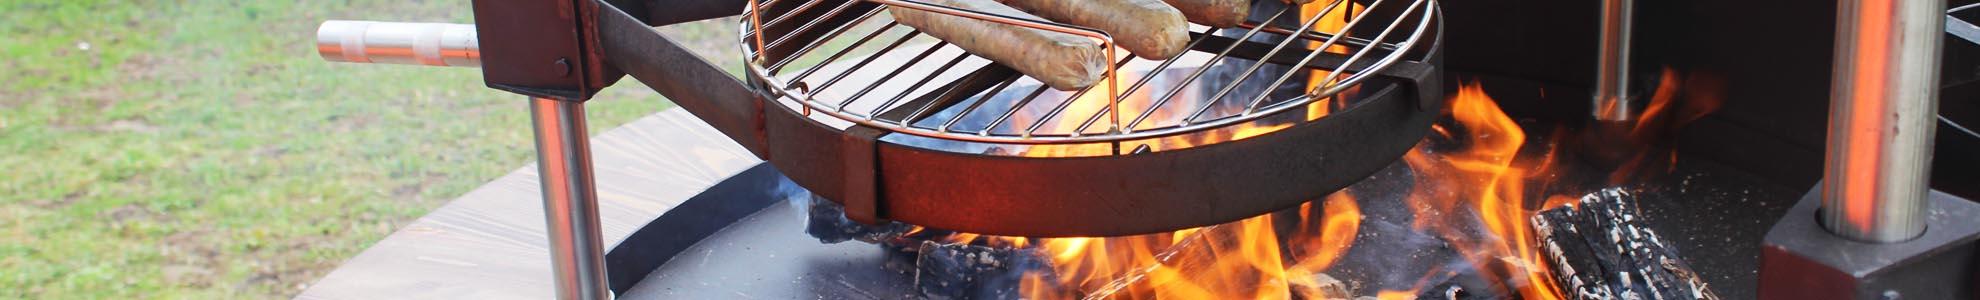 Финские остравные барбекю конструкция барбекю с коптильней стационарная фото